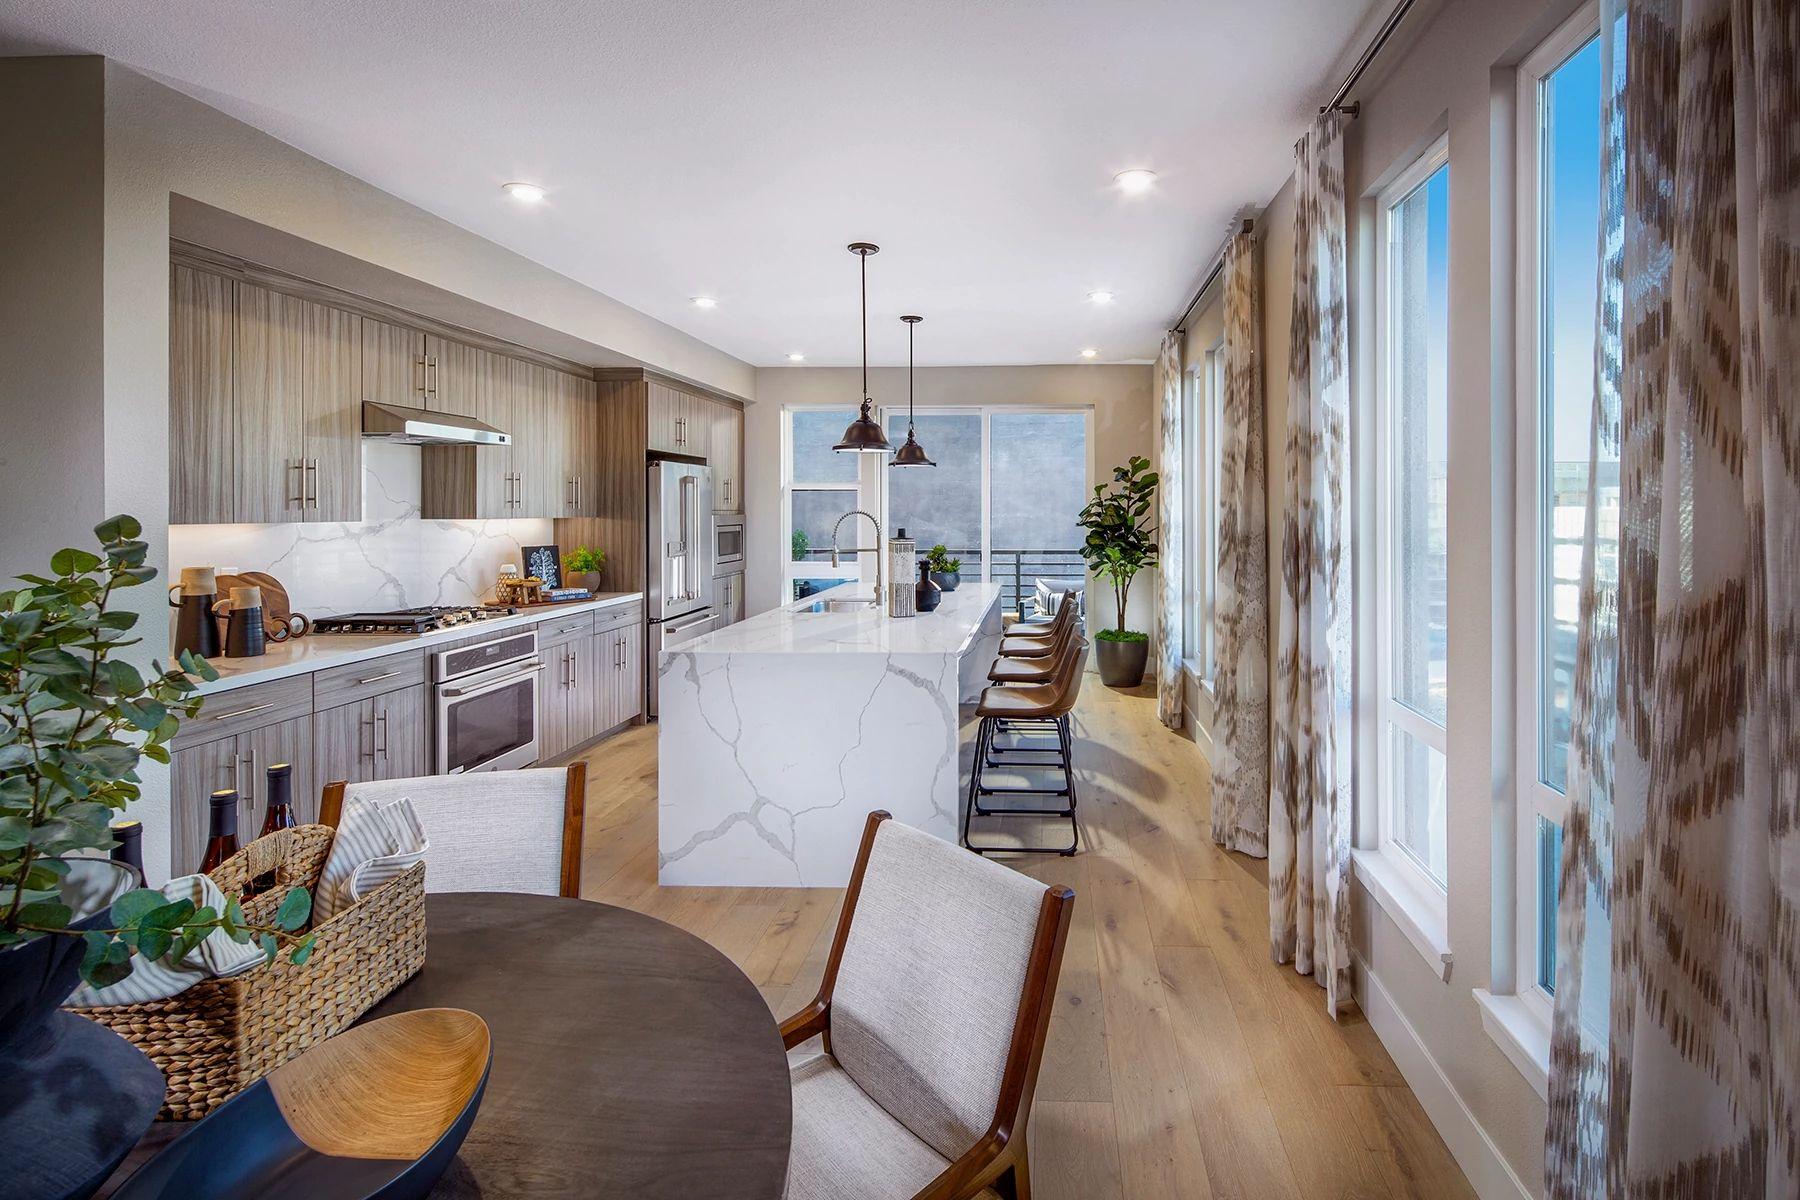 单亲家庭 为 销售 在 Plan 2 3888 Invent Terrace Unit 402 Fremont, California 94538 United States